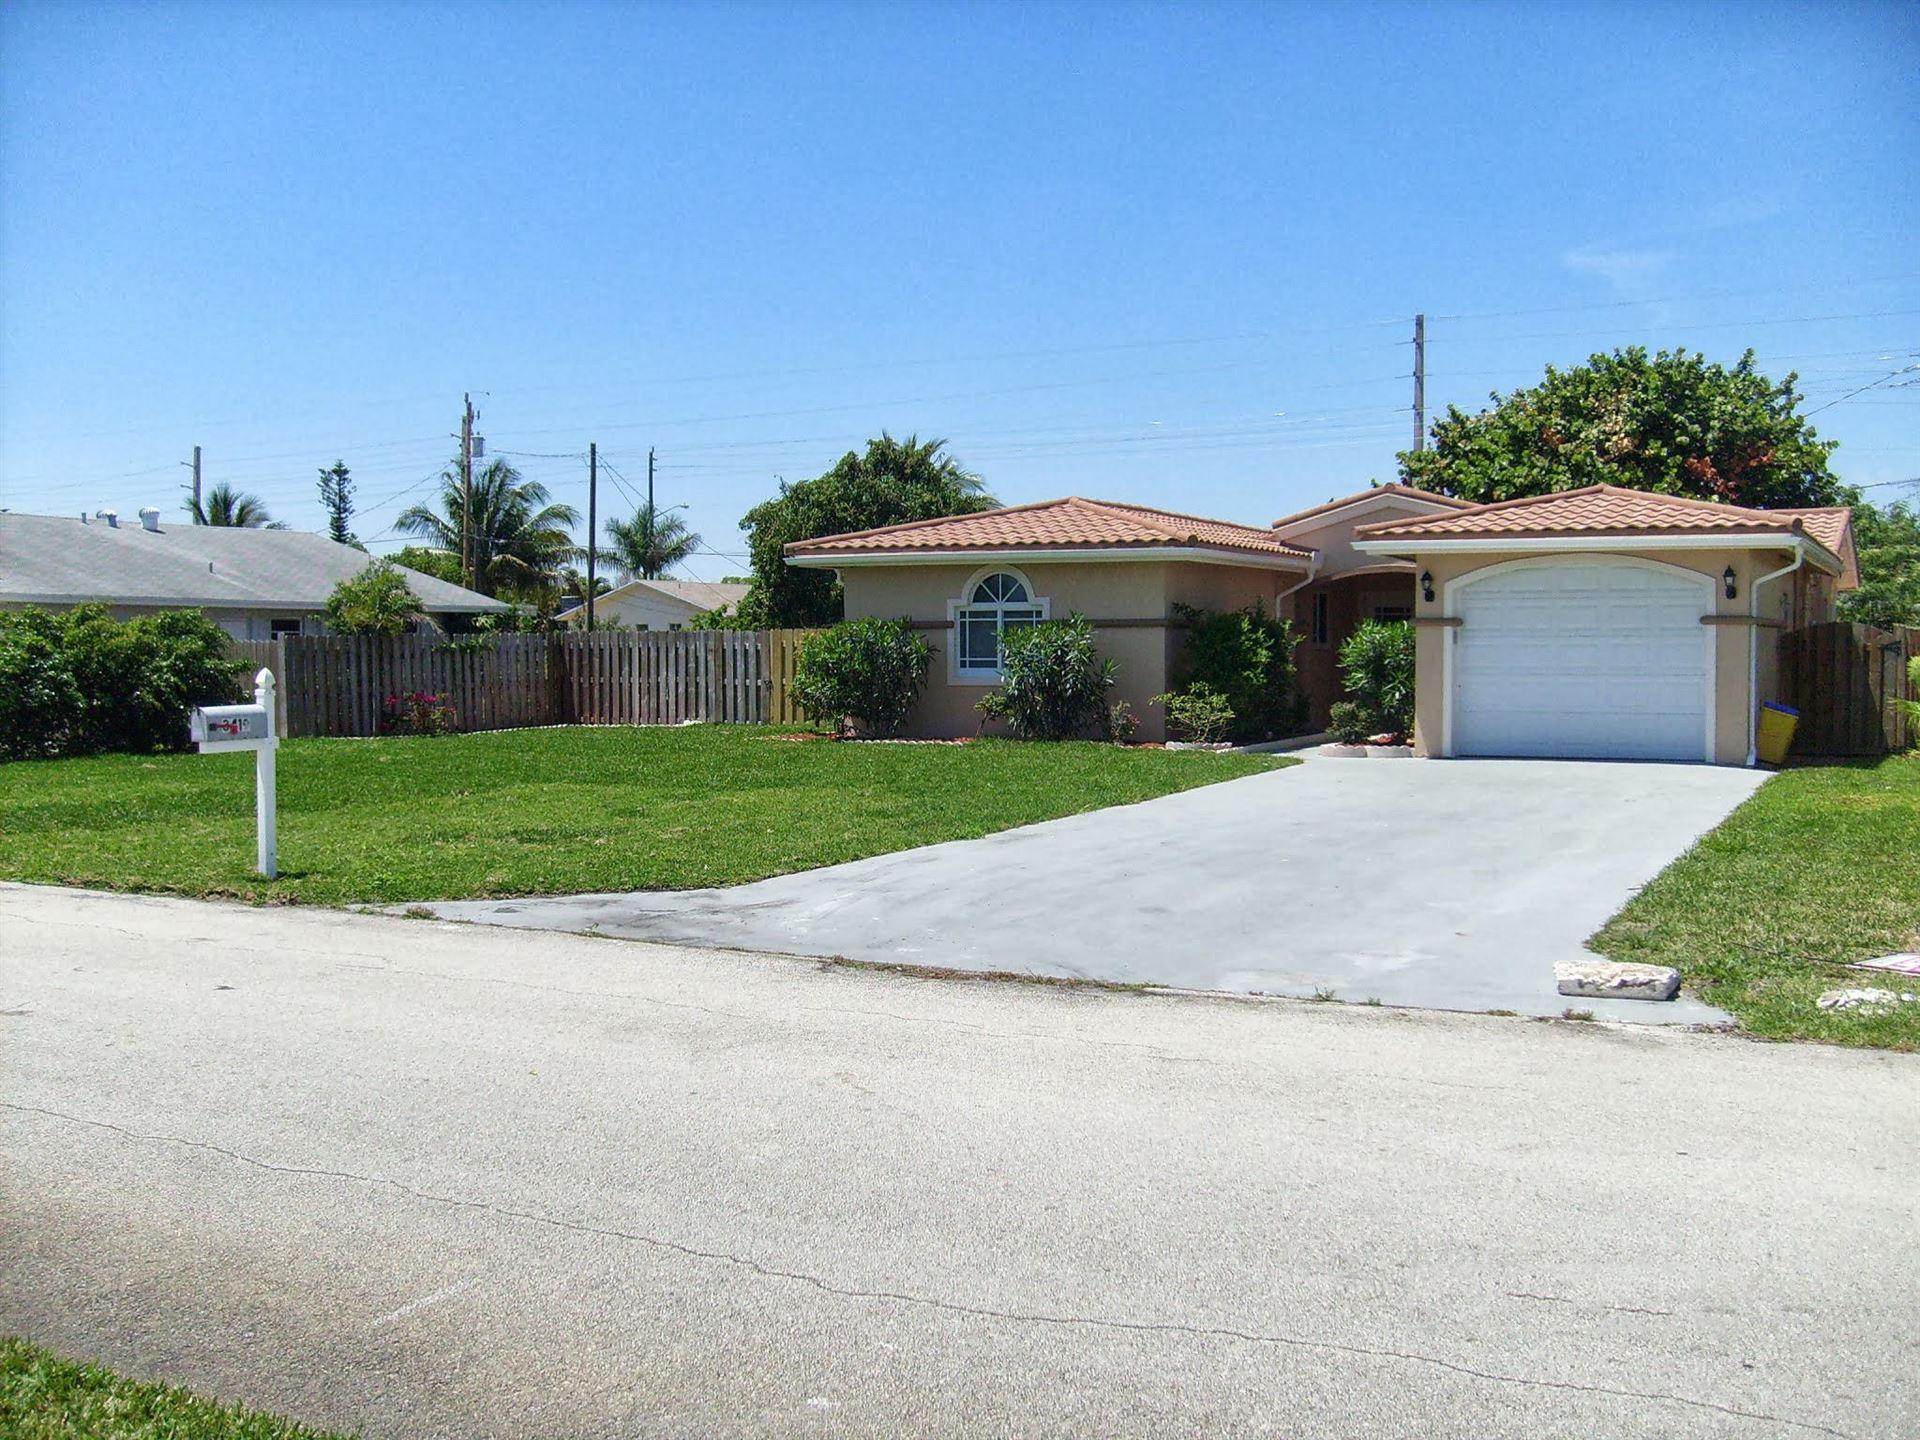 3419 NE 4th Avenue, Boca Raton, FL 33431 - MLS#: RX-10712859